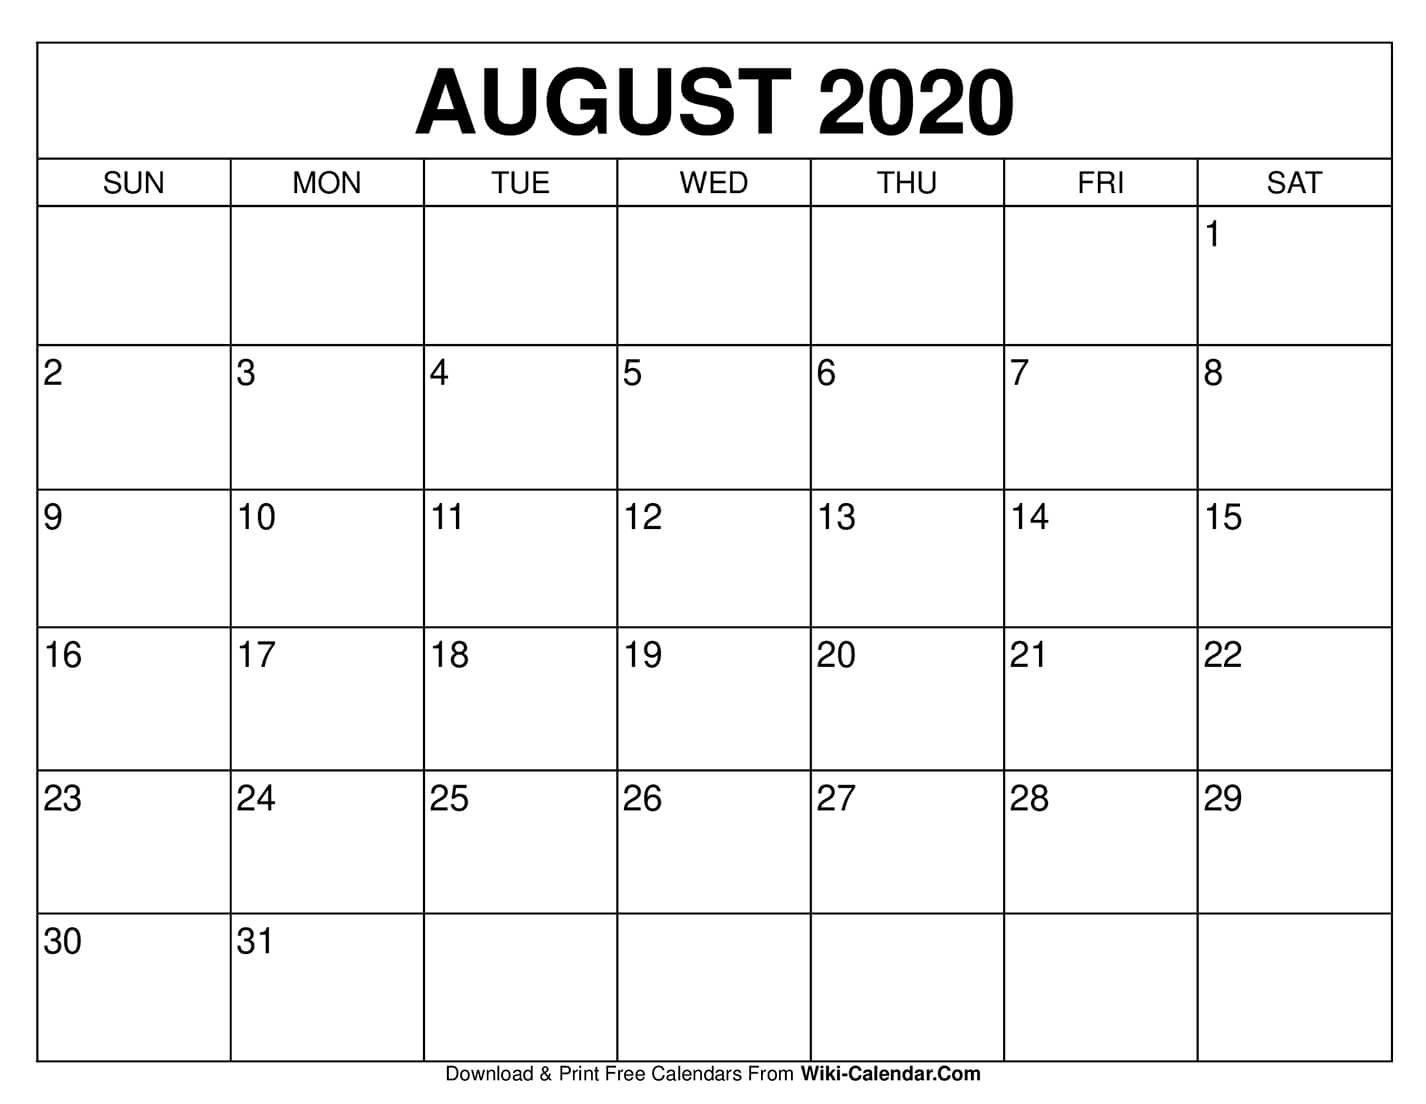 Catch 2020 Free Calendars You Can Edit | Calendar Calendars You Can Edit